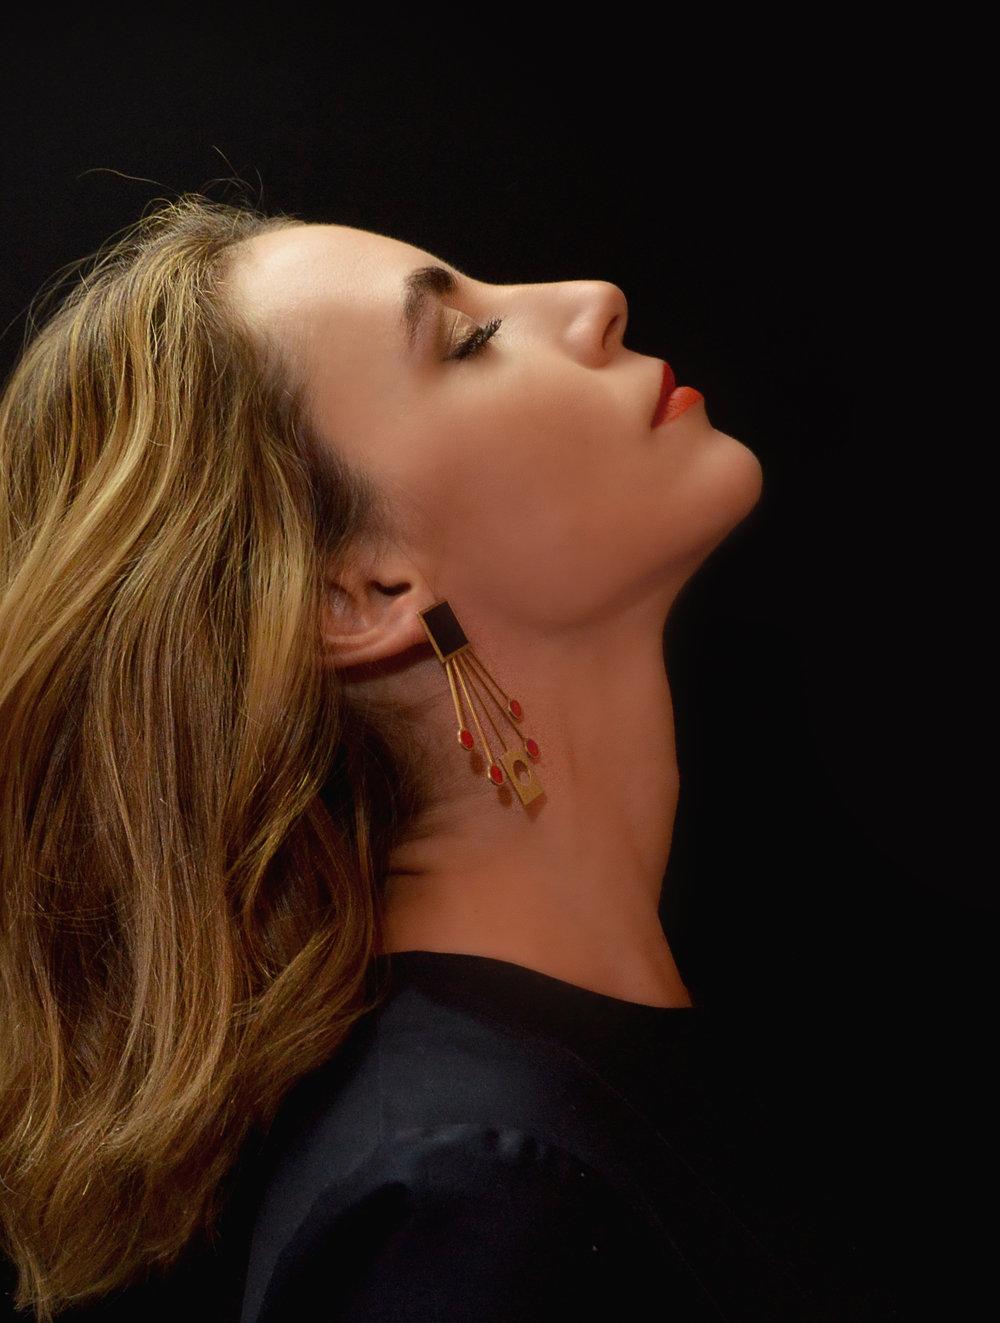 Laura Lis con sus joyas